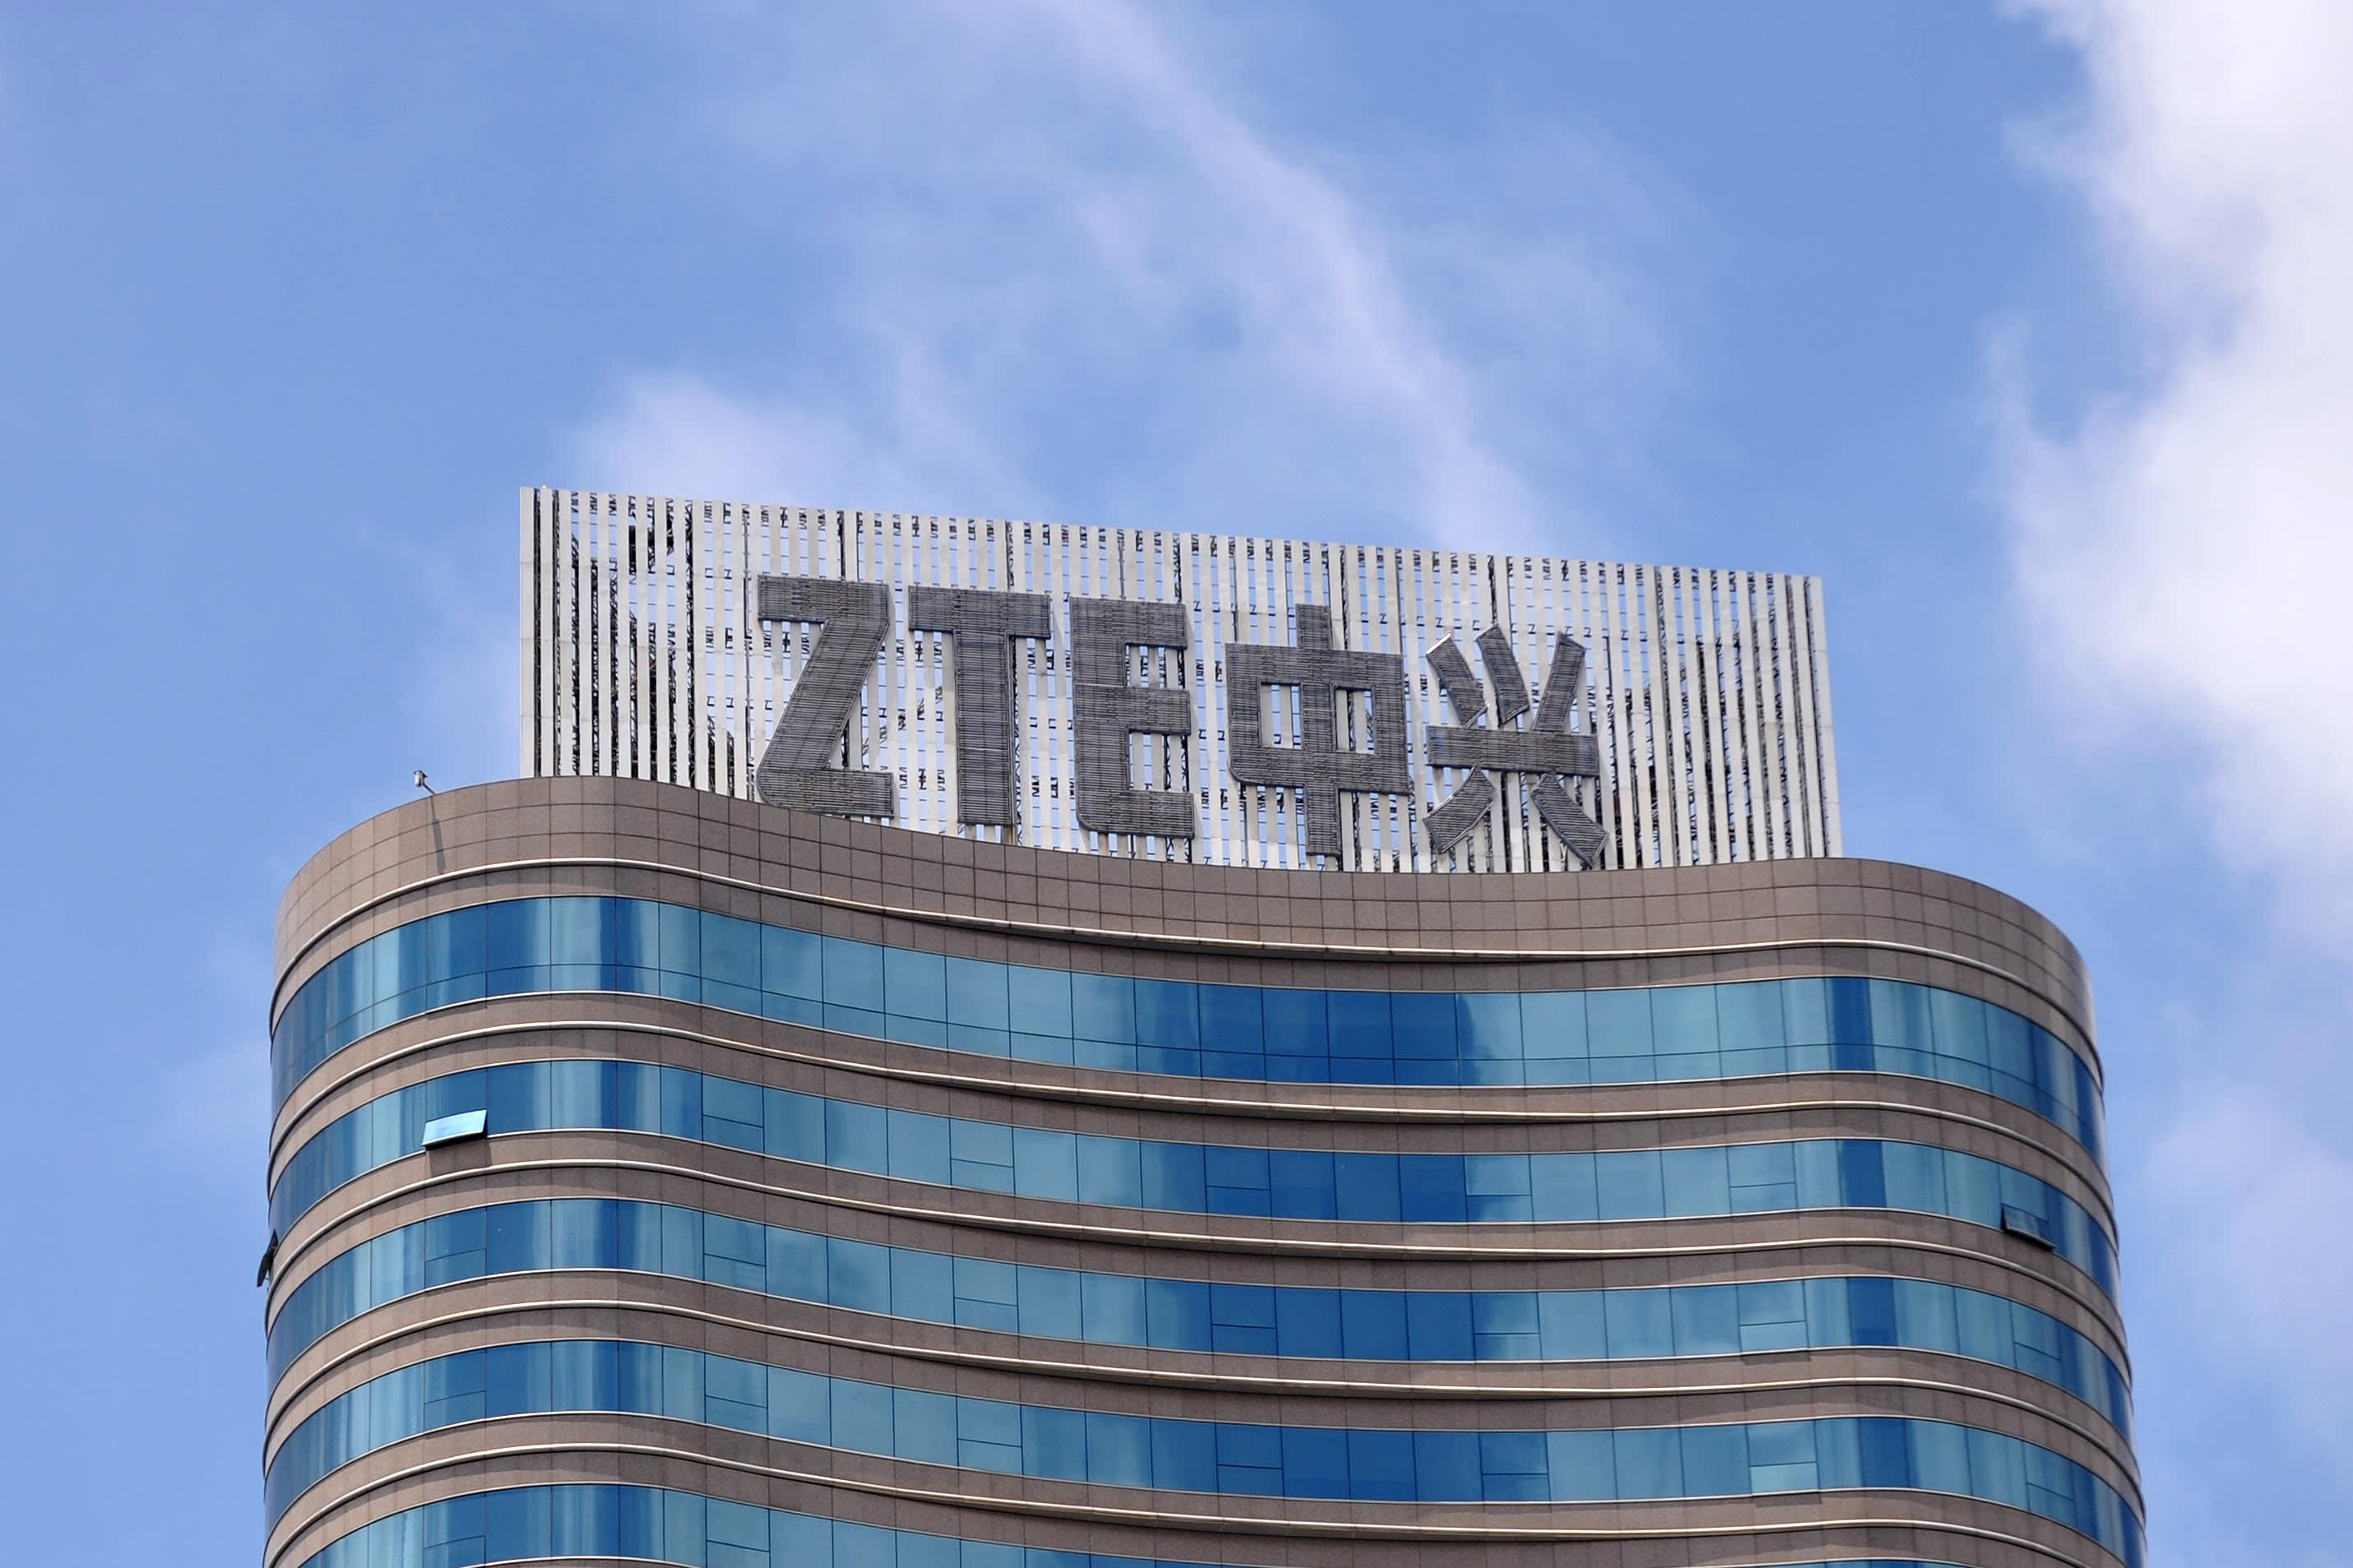 Imagem de Governo dos EUA começa a eliminar banimento contra ZTE aos poucos no tecmundo